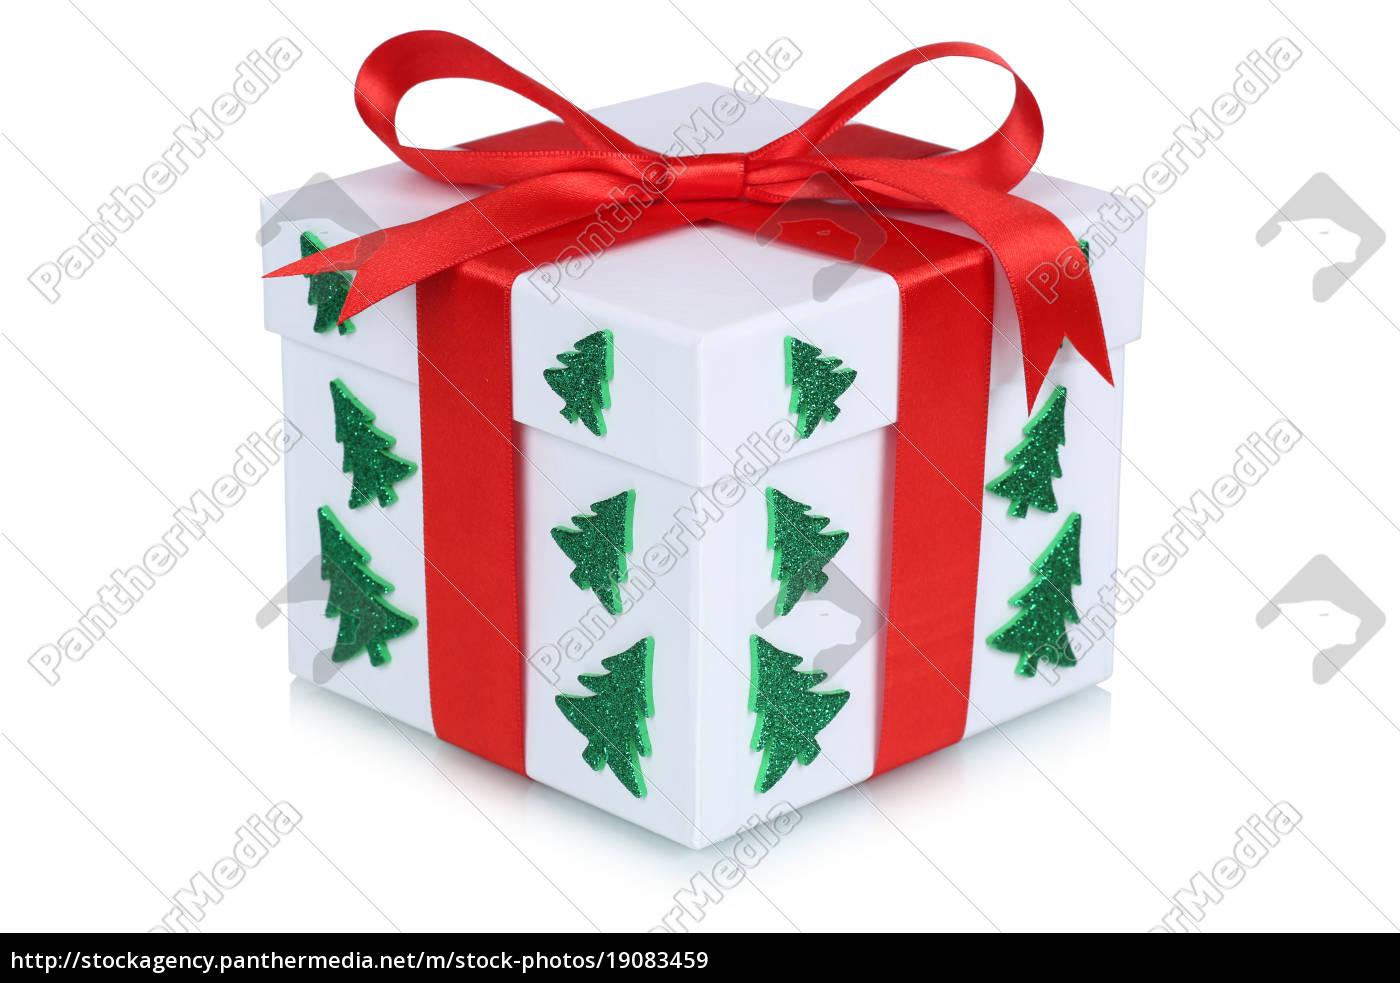 Weihnachtsgeschenk Weihnachten.Stockfoto 19083459 Weihnachtsgeschenk Geschenk Weihnachten Weihnachtsbaum